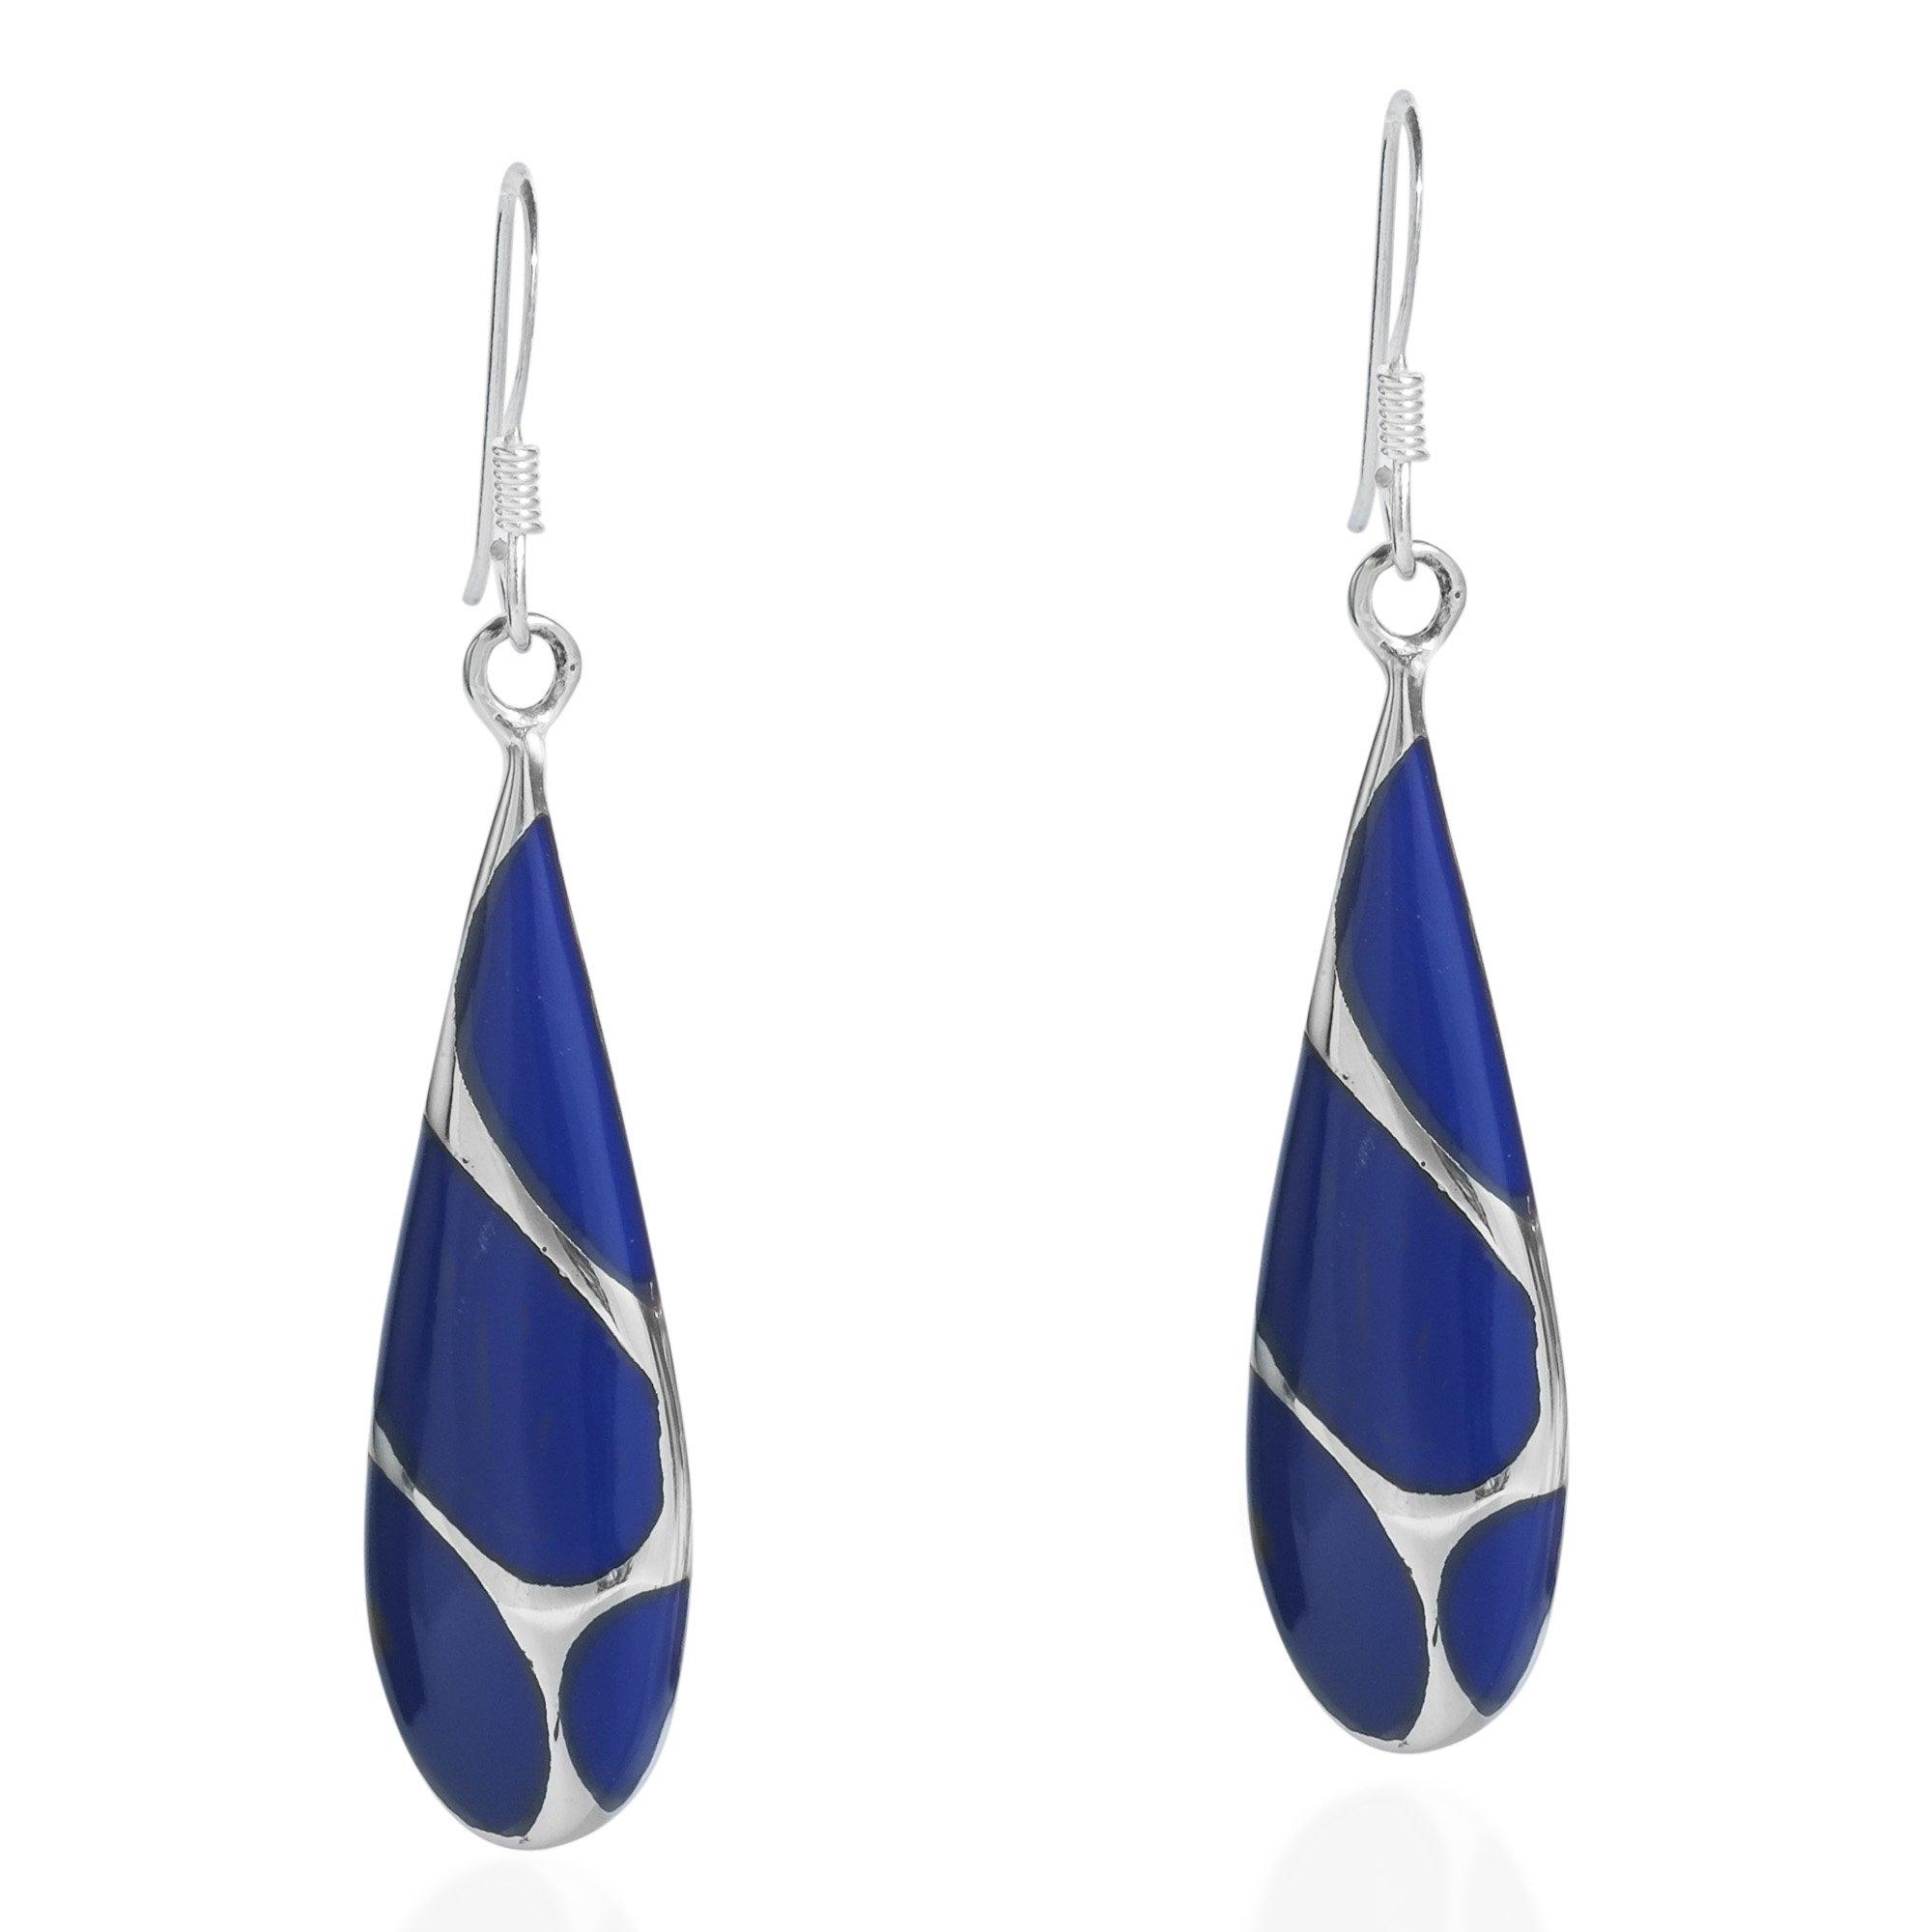 Vintage Simulated Blue Lapis-Lazuli Streak Teardrop .925 Sterling Silver Dangle Earrings